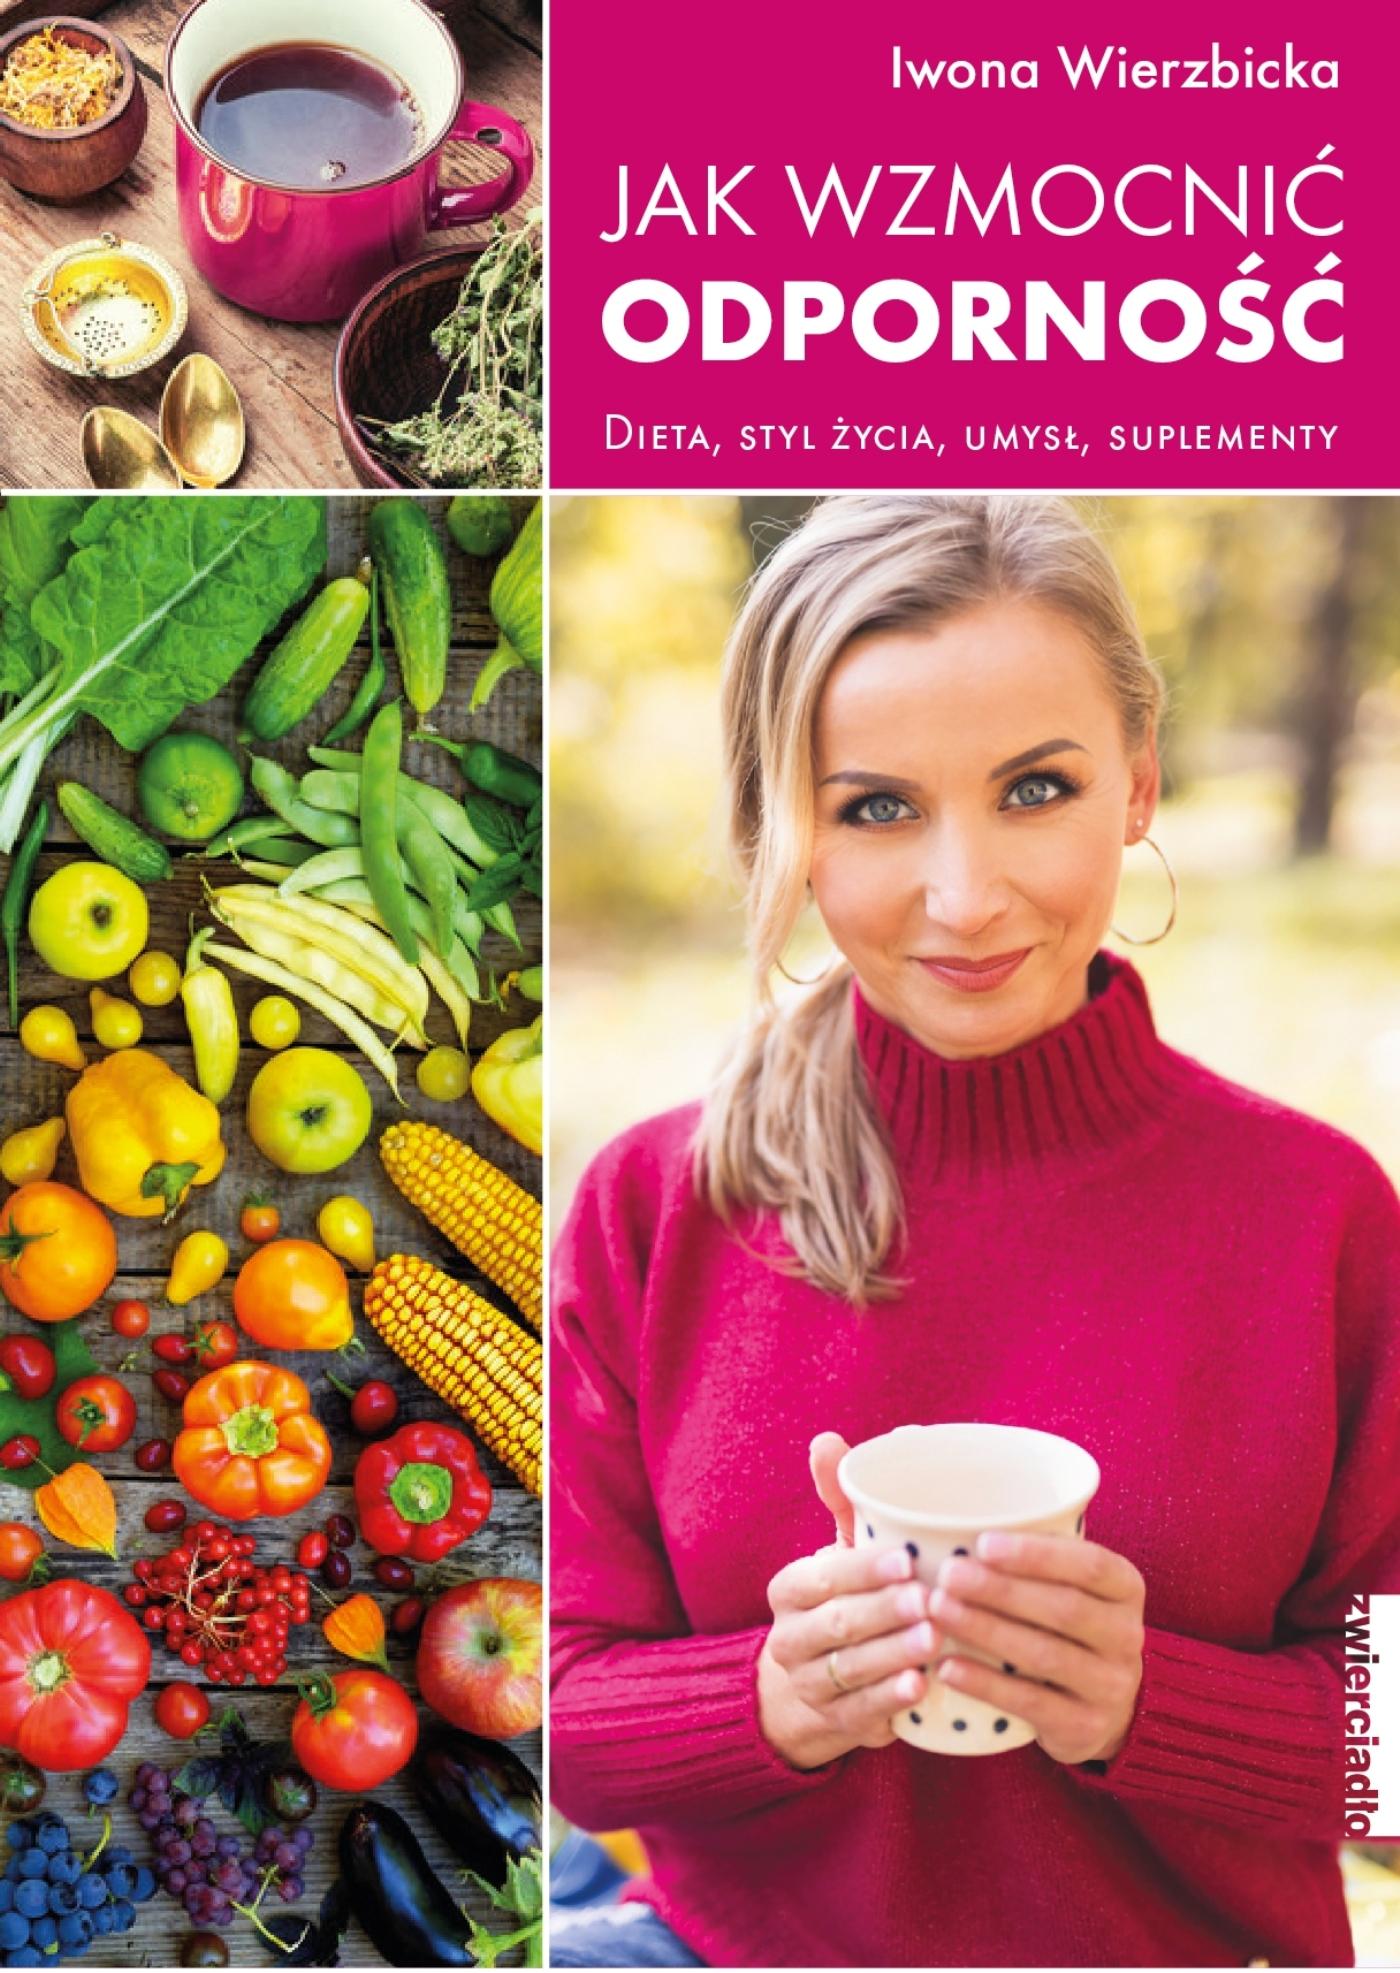 Jak wzmocnić odporność. Dieta, styl życia, umysł, suplementy - Iwona Wierzbicka